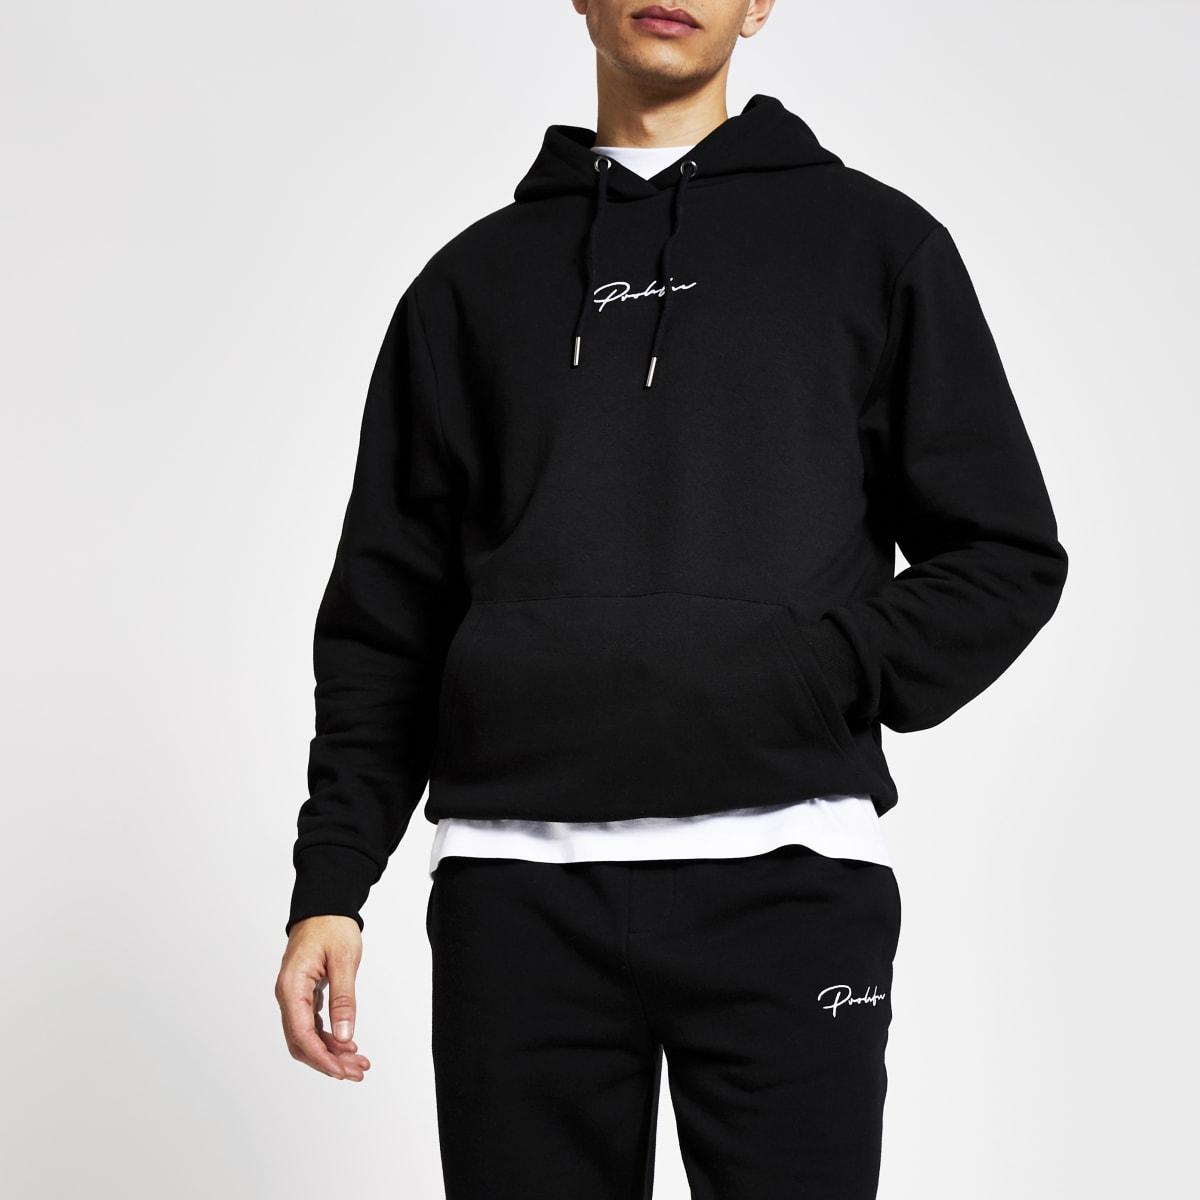 Prolific black regular fit hoodie